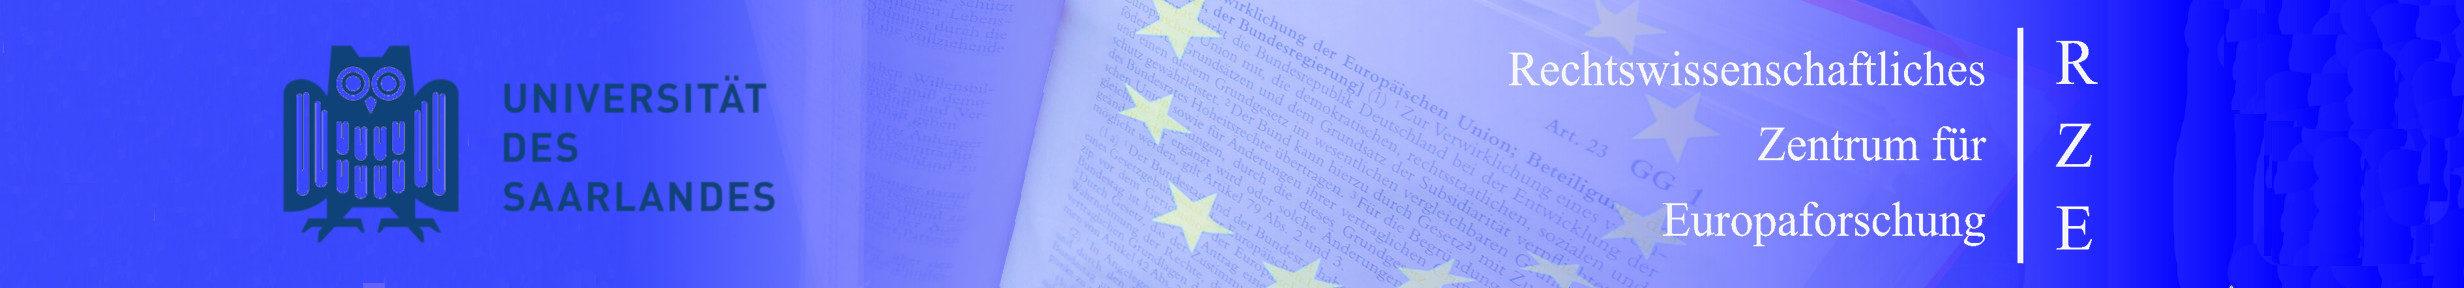 Rechtswissenschaftliches Zentrum für Europaforschung